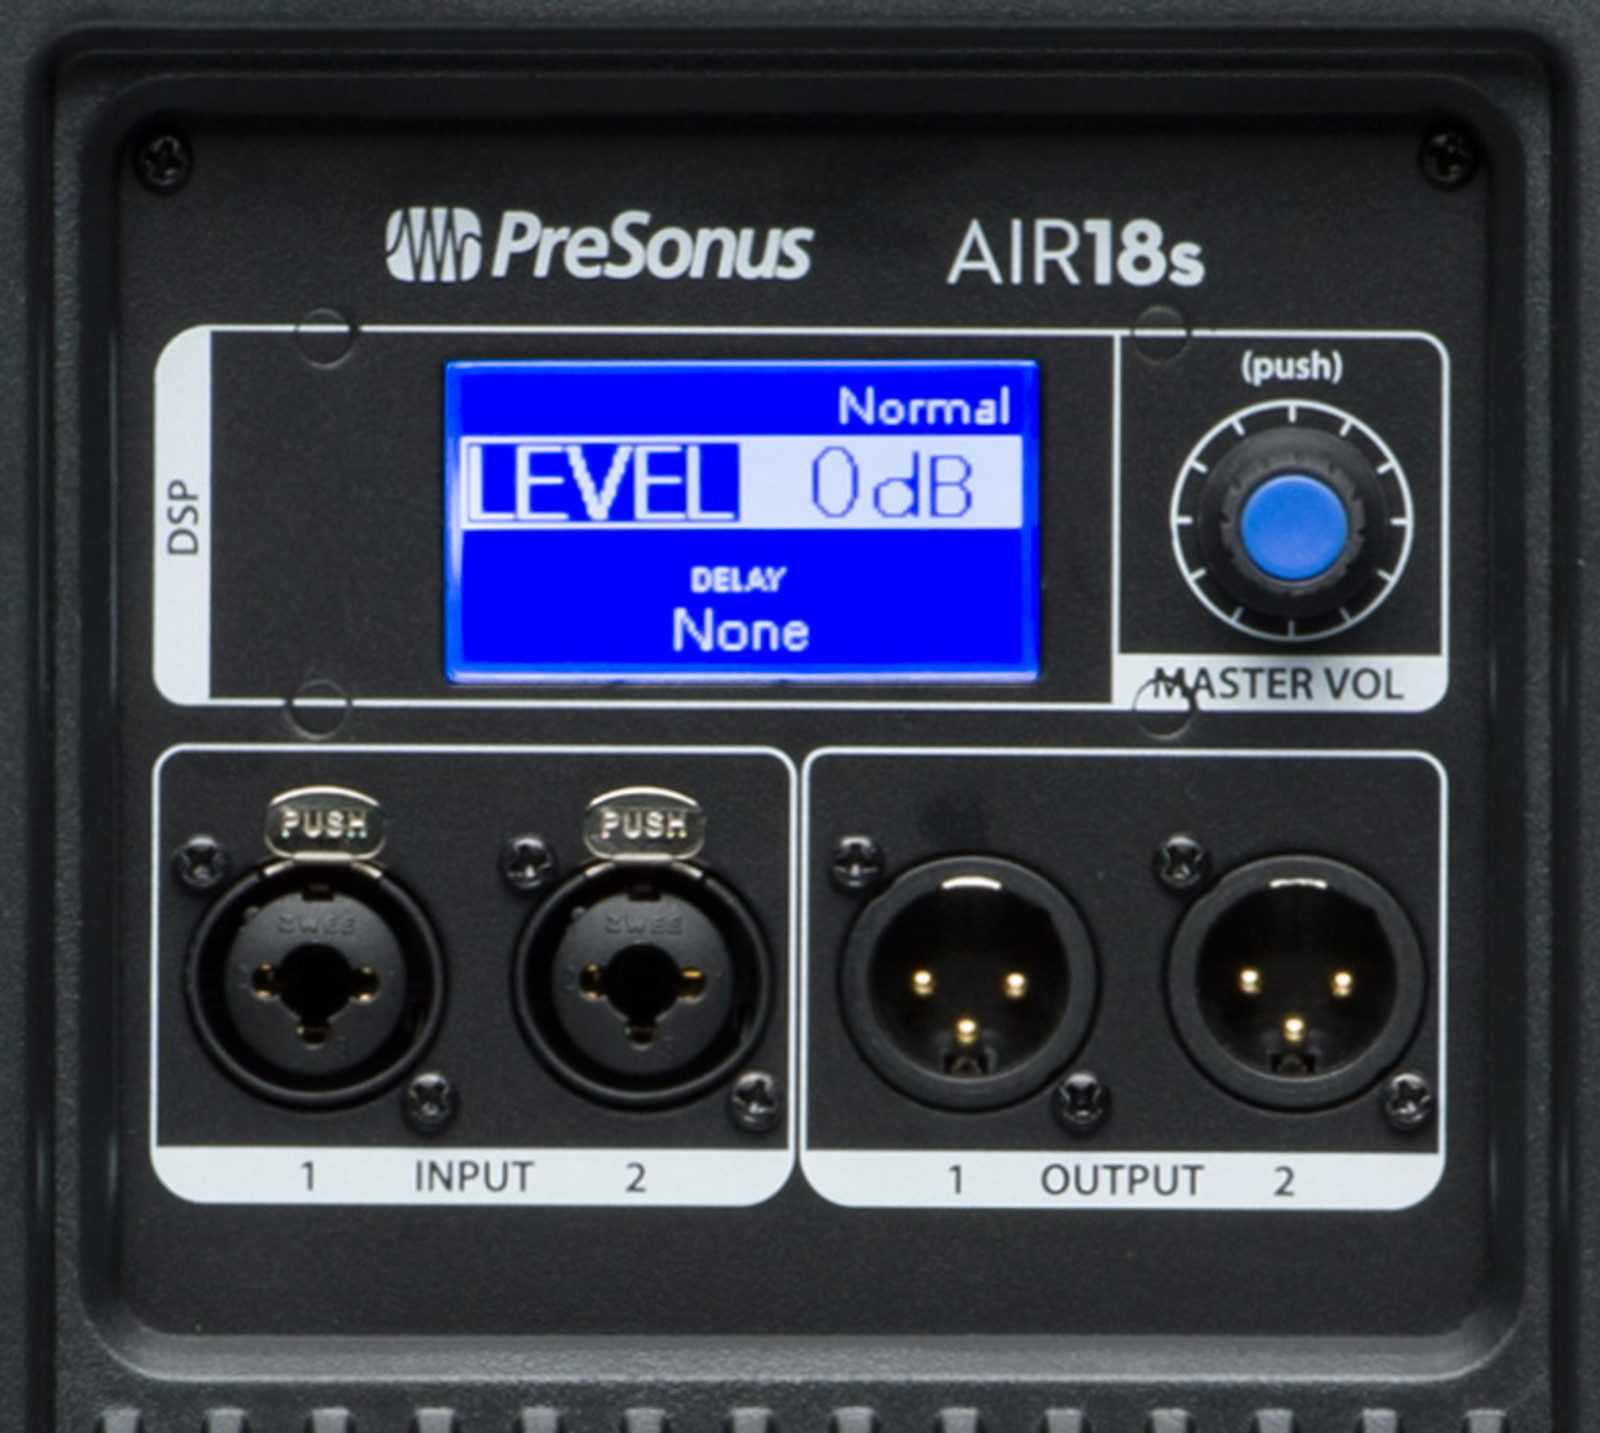 AIR18S (each)